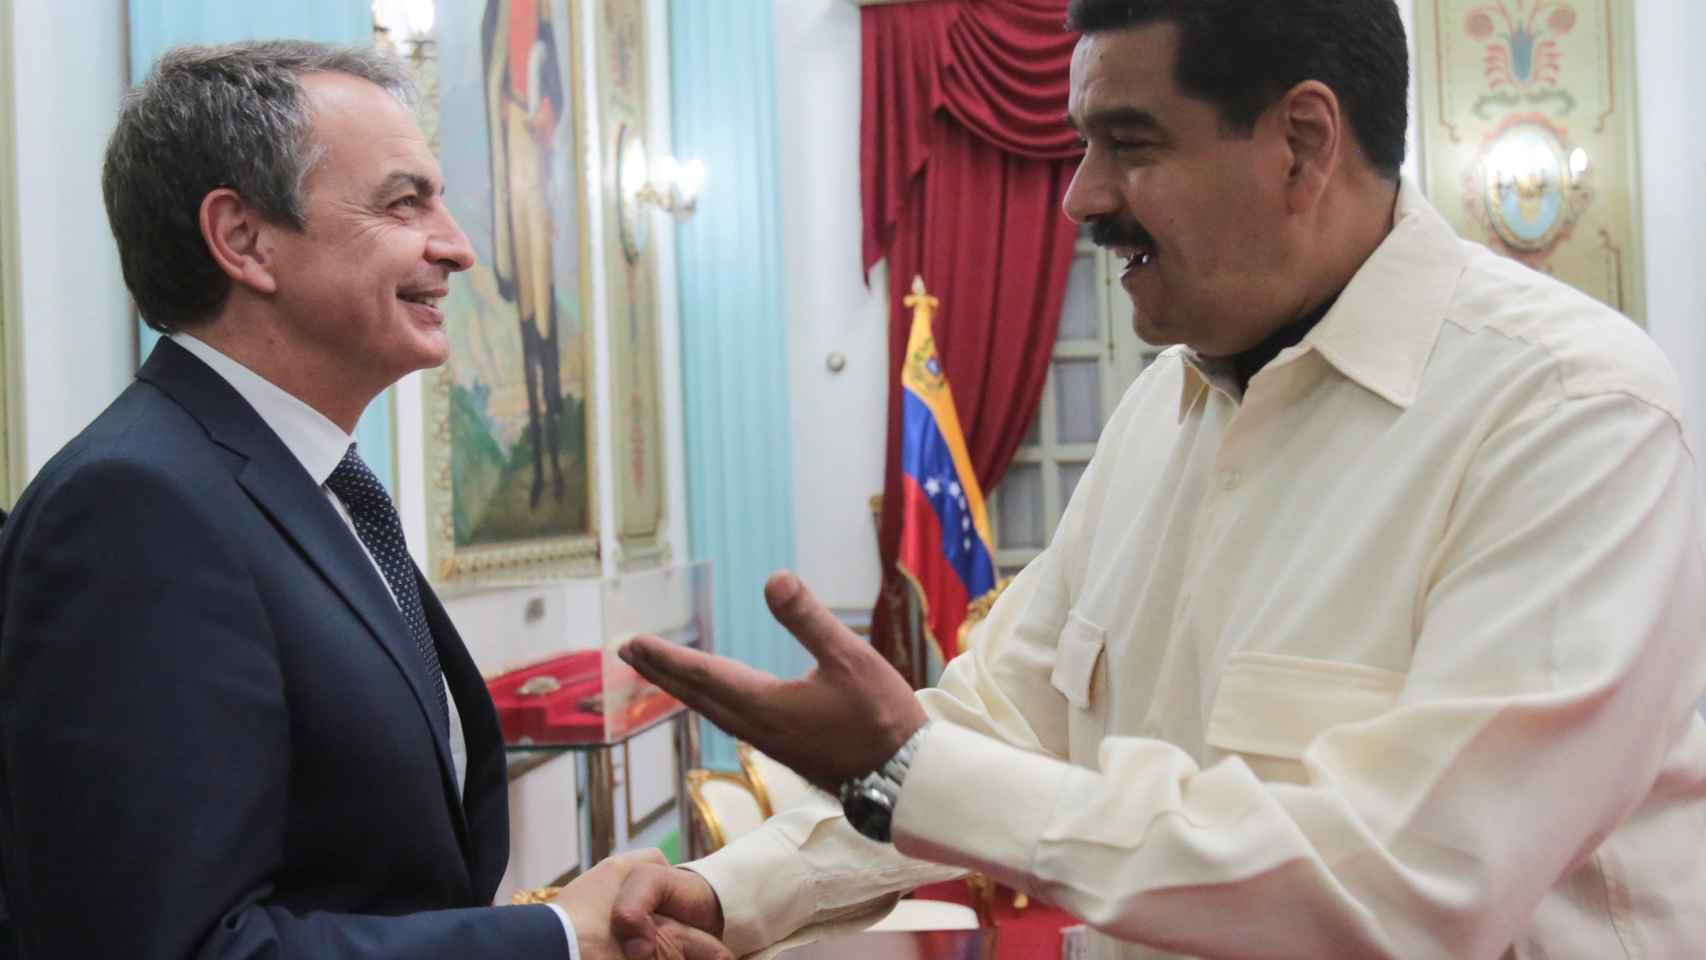 Rodríguez Zapatero saludando a Nicolás Maduro en Caracas, el 19 de mayo.